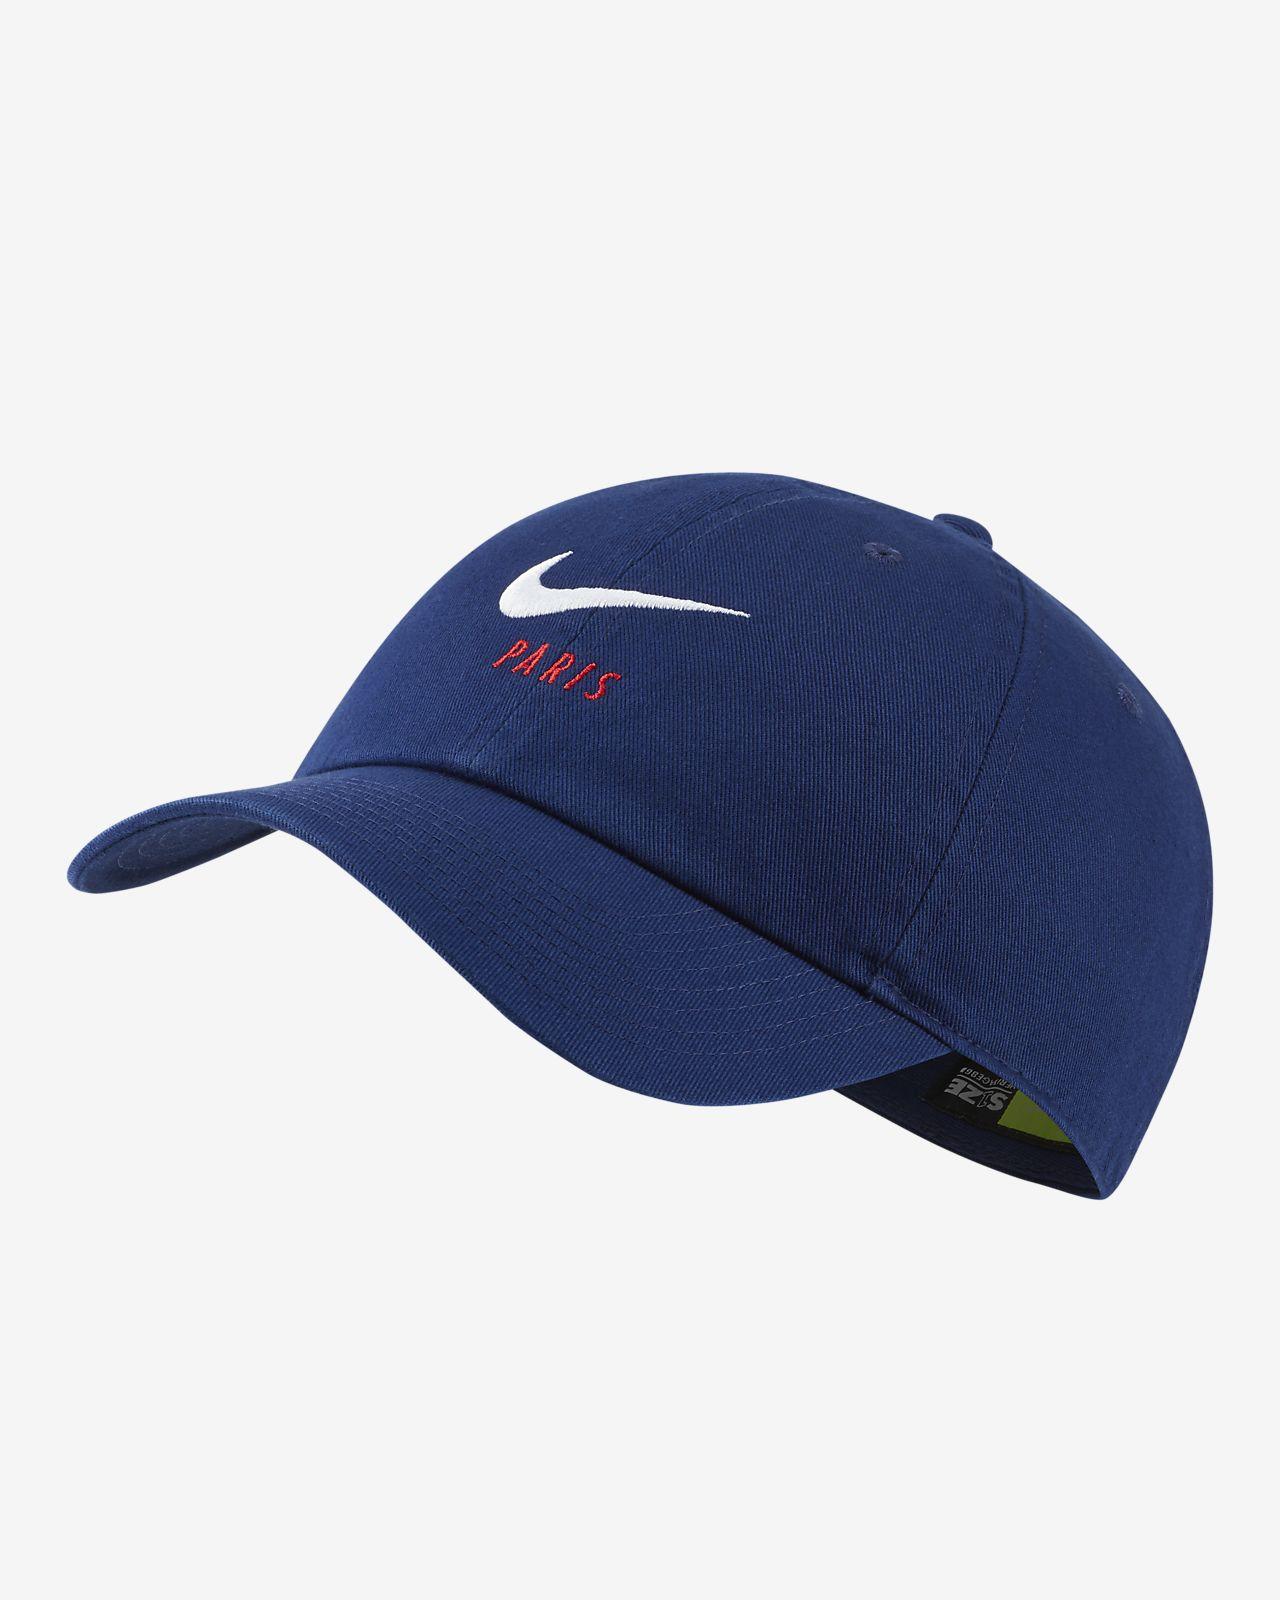 0f389d159173e Casquette réglable Paris Saint-Germain Heritage 86. Nike.com FR